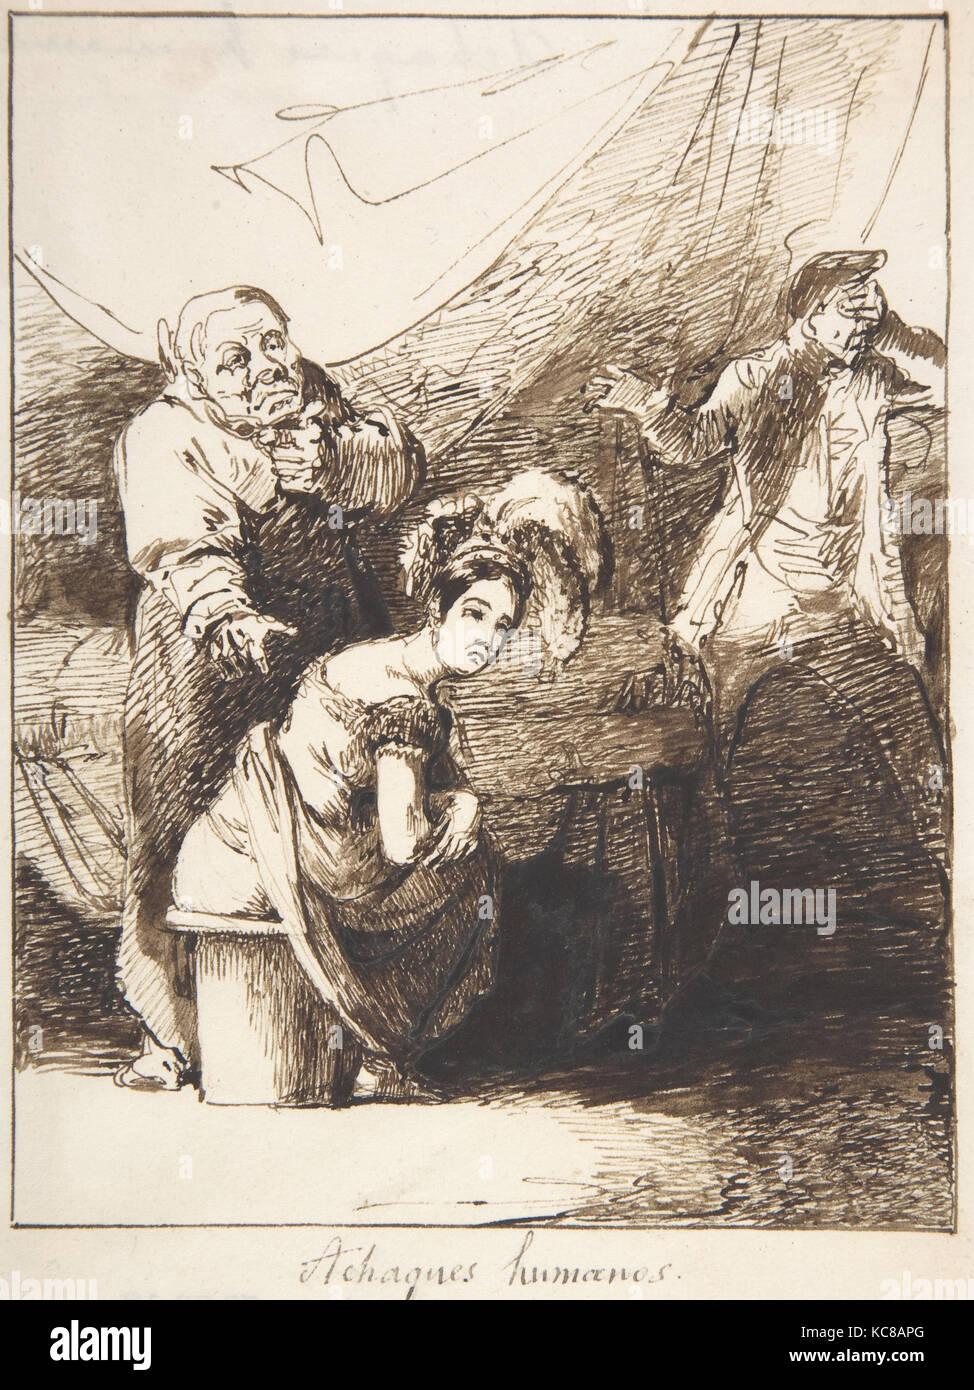 Human Ailments ('Achaques humanos'), Leonardo Alenza y Nieto, 1807–45 - Stock Image